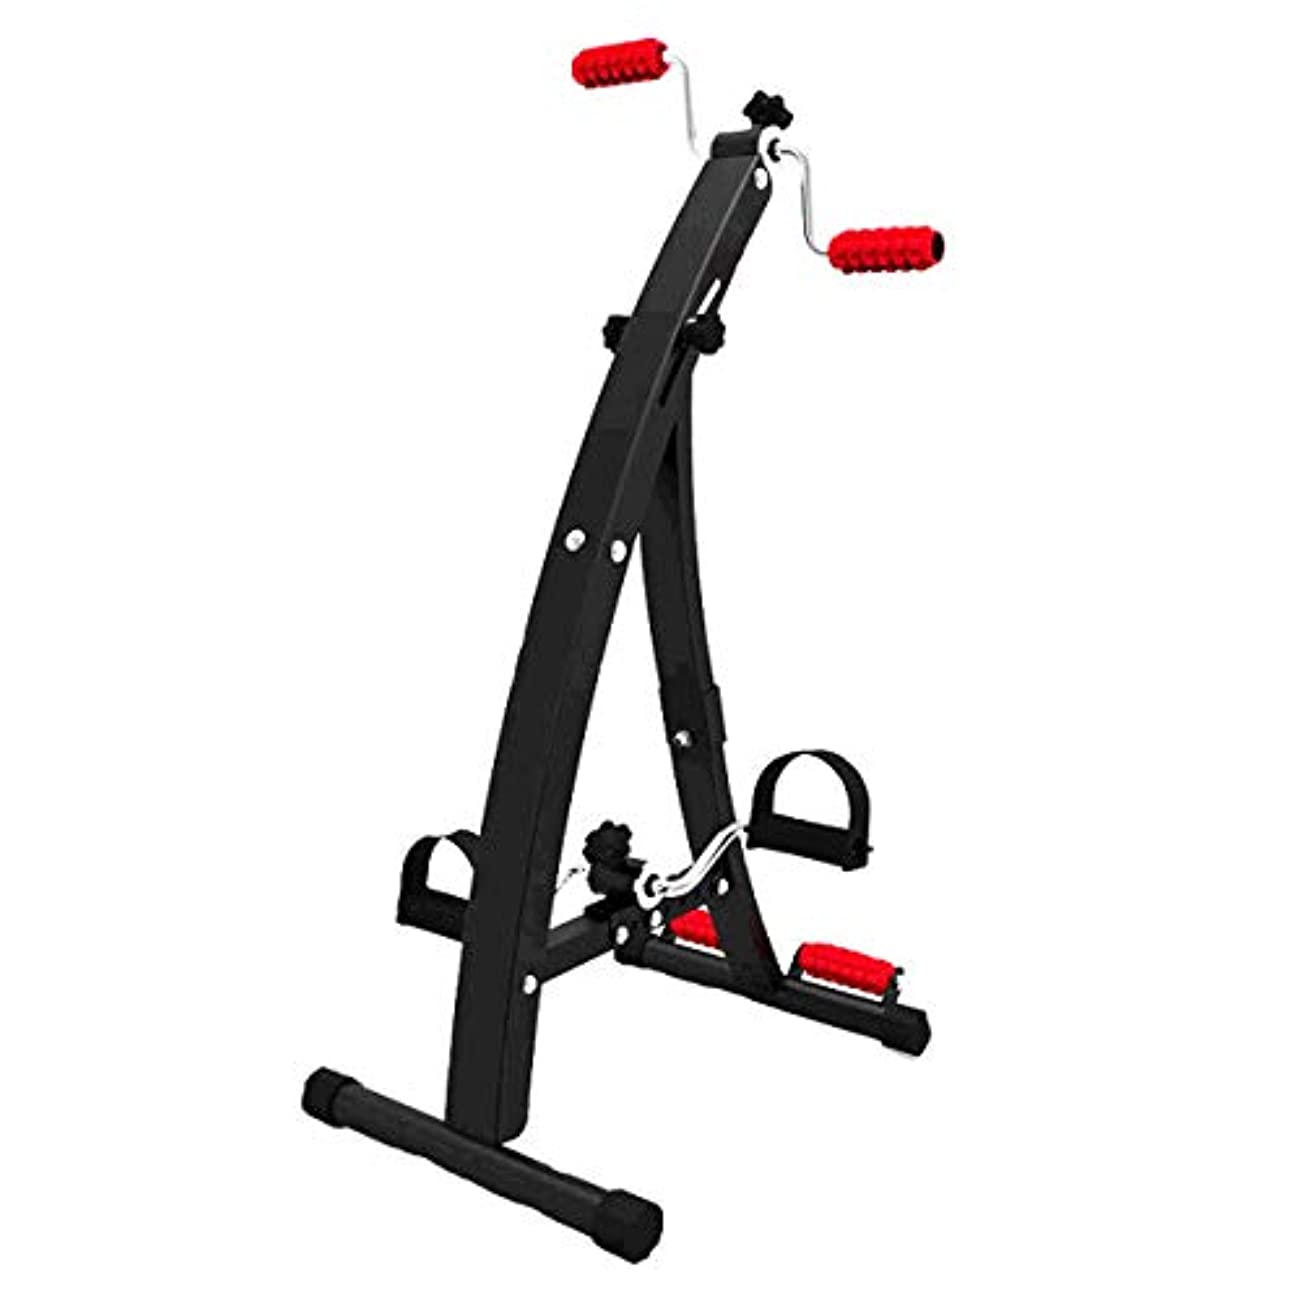 収まる道優しさペダルエクササイザー、医療リハビリテーション体操上肢および下肢のトレーニング機器、筋萎縮リハビリテーション訓練を防ぐ,A